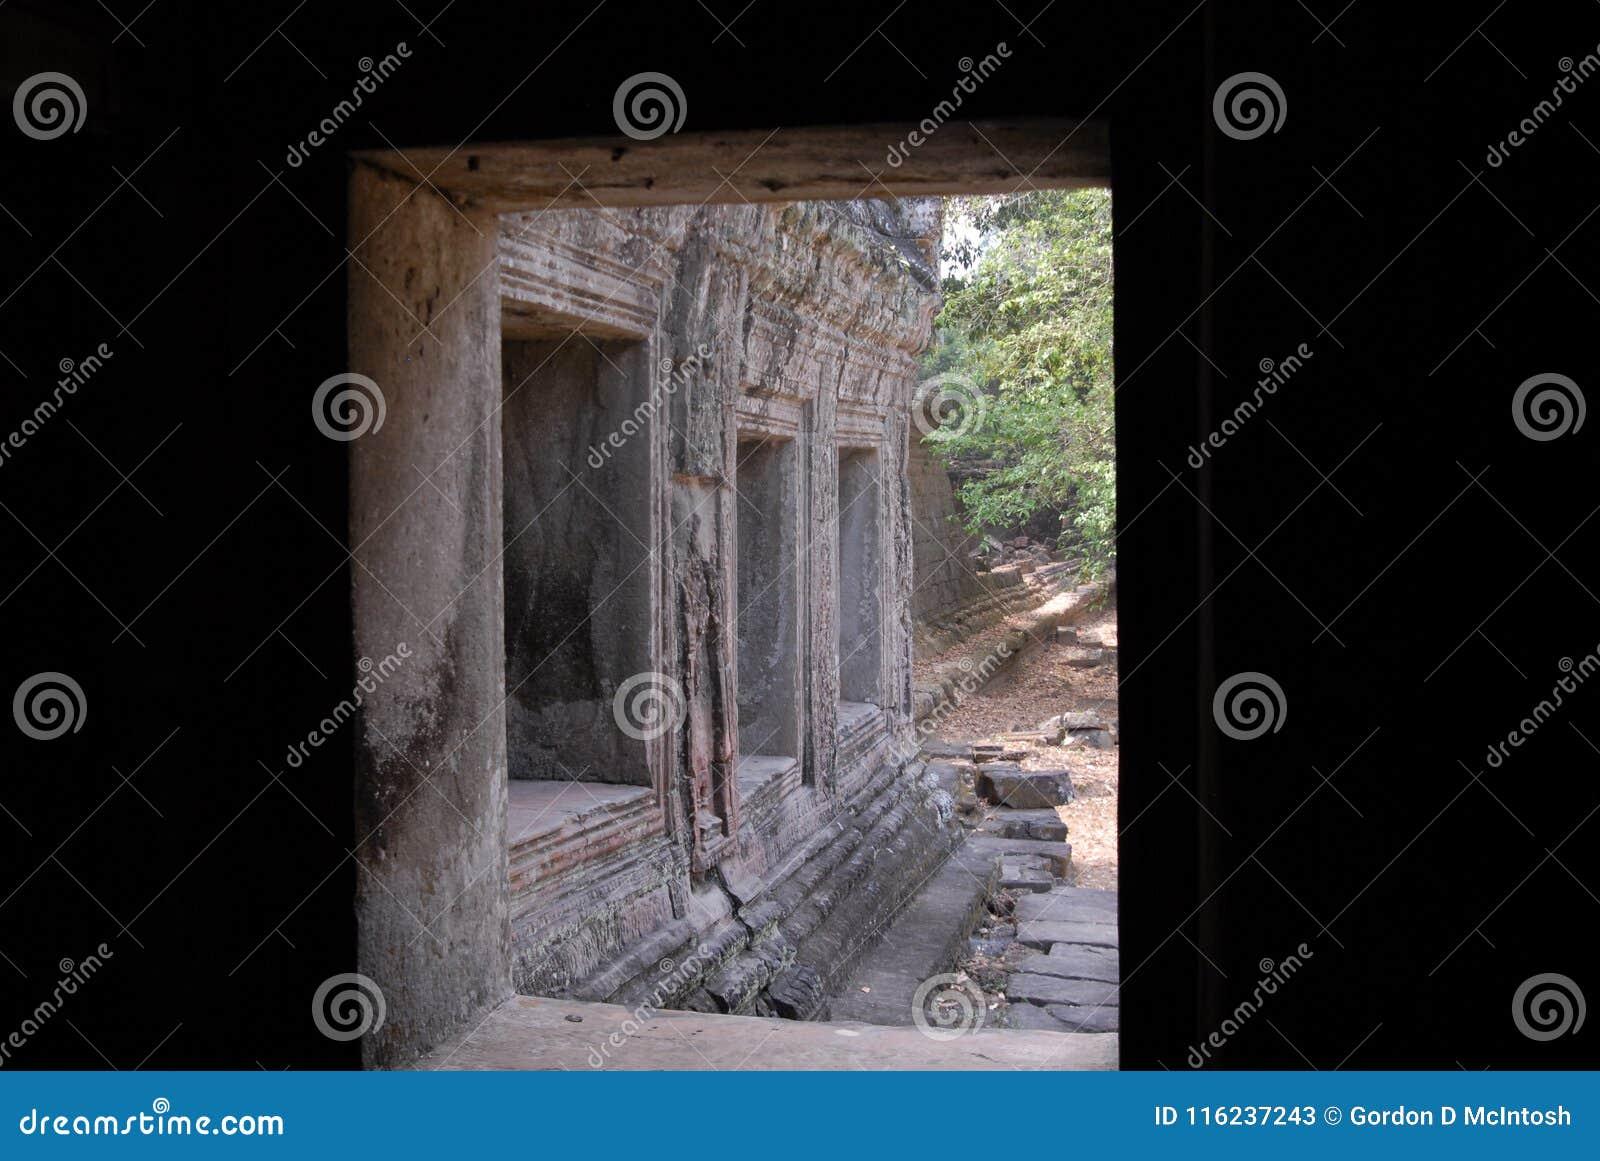 Angkor Wat moldou da porta de entrada